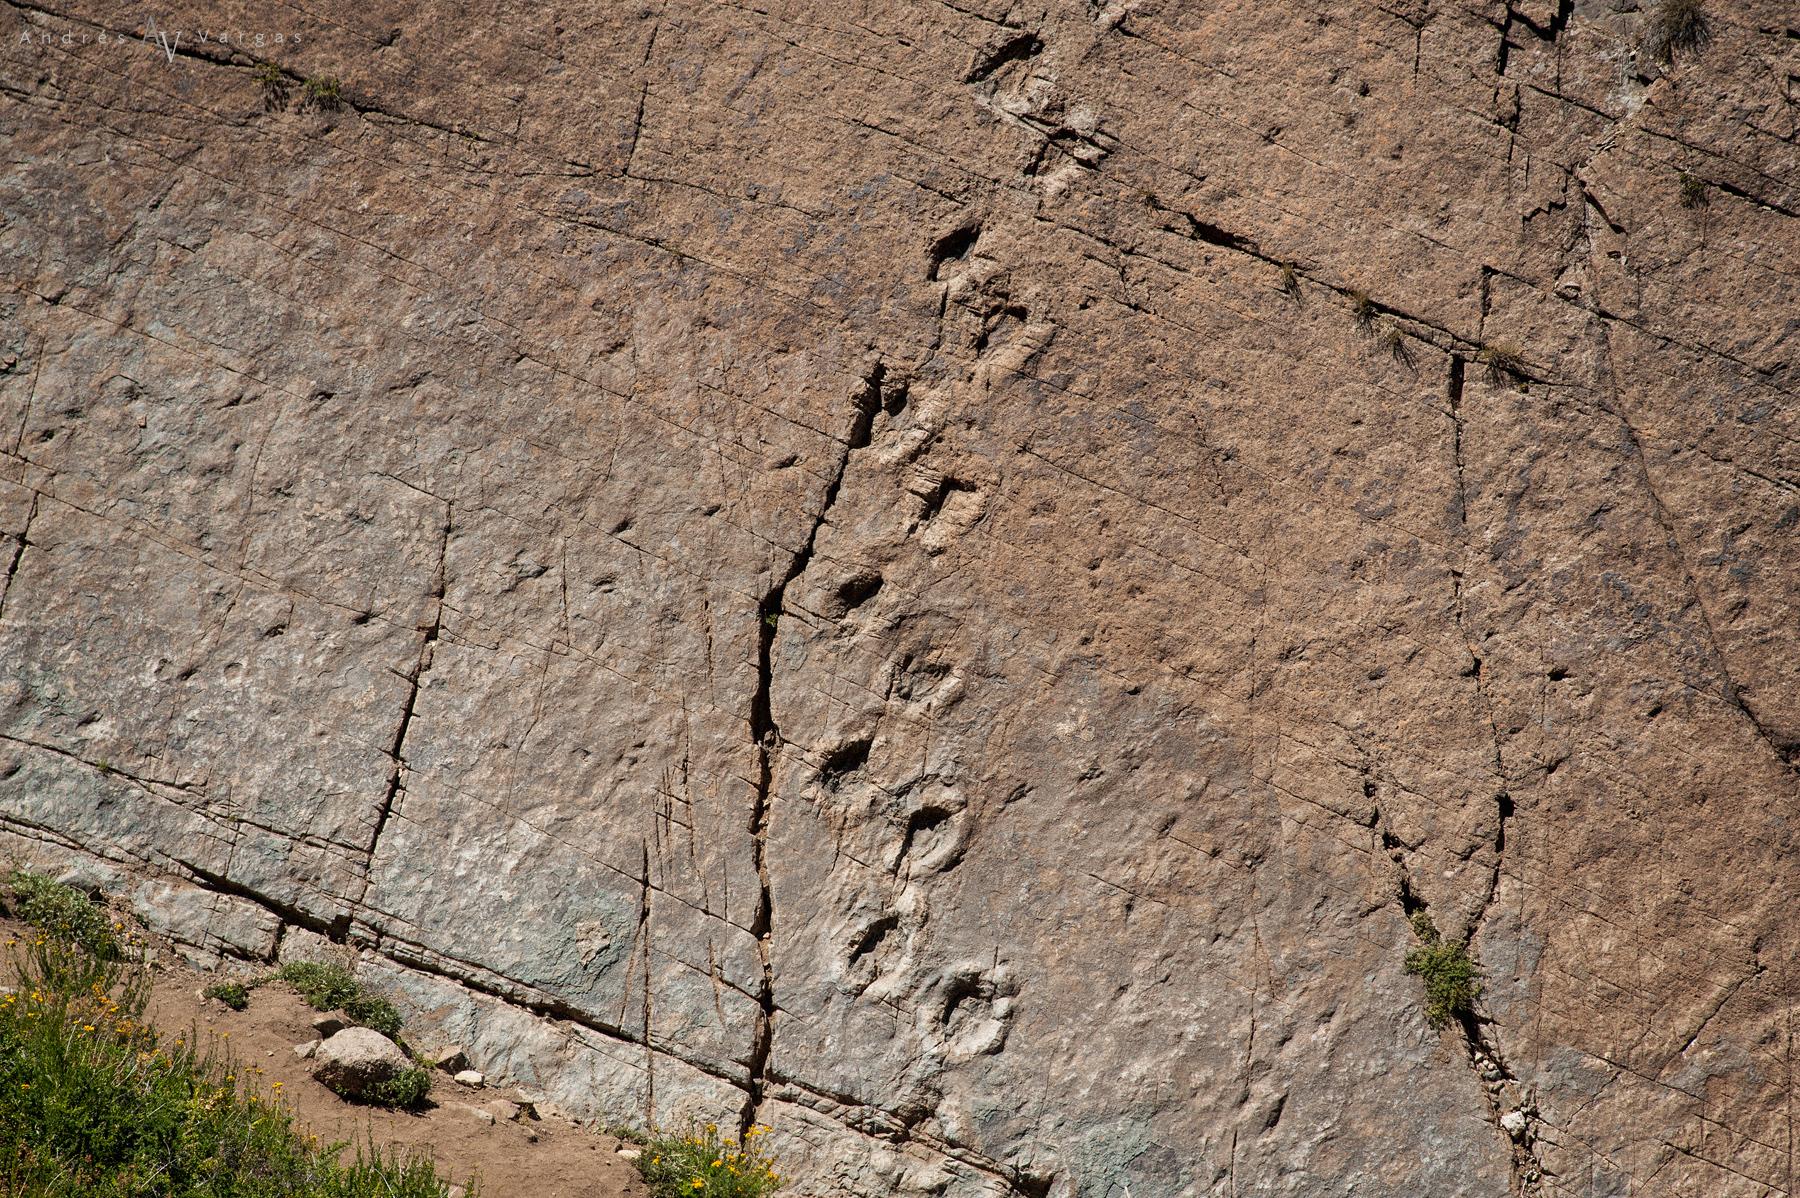 Dinosaurios en Chile - Termas del flaco